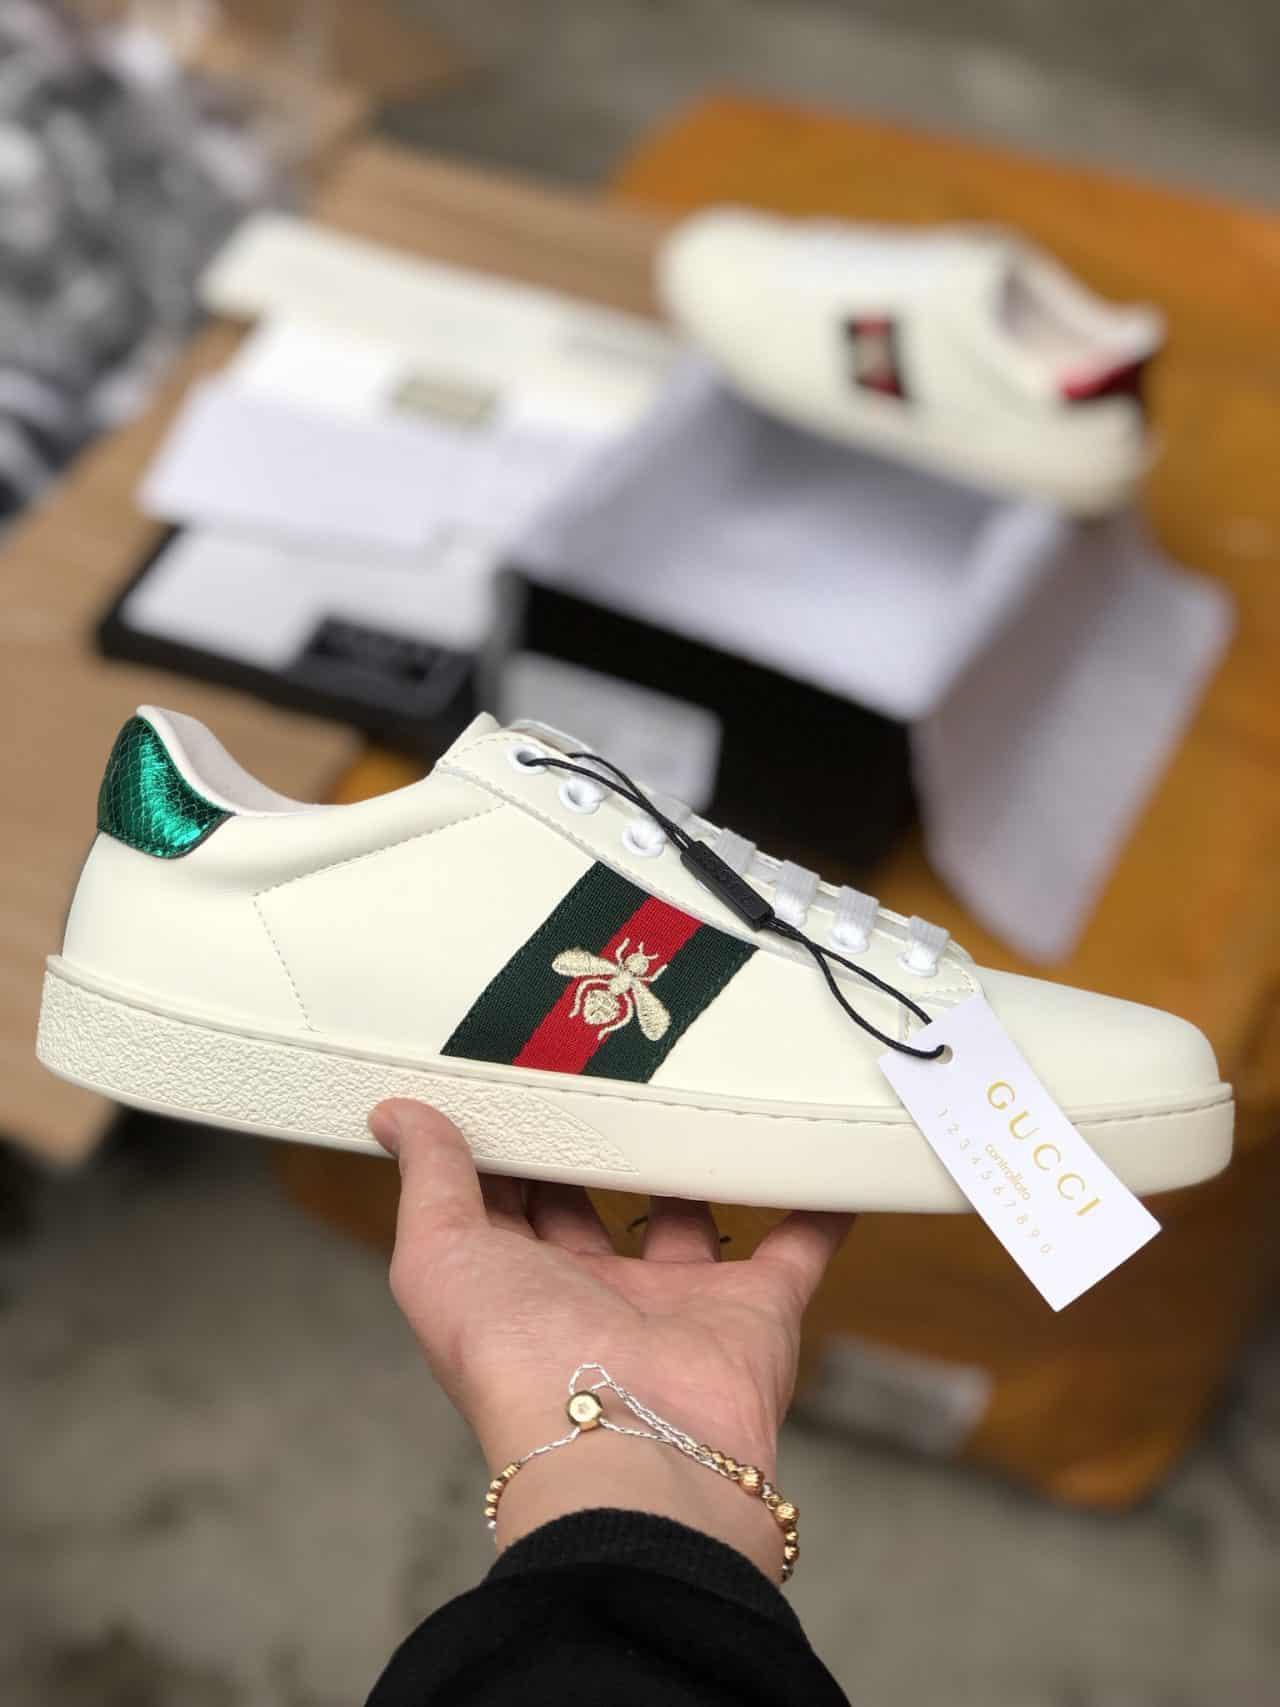 Giày Gucci Ong Rep 1:1 được ưa chuộng trên toàn cầu bởi thiết kế tối giản